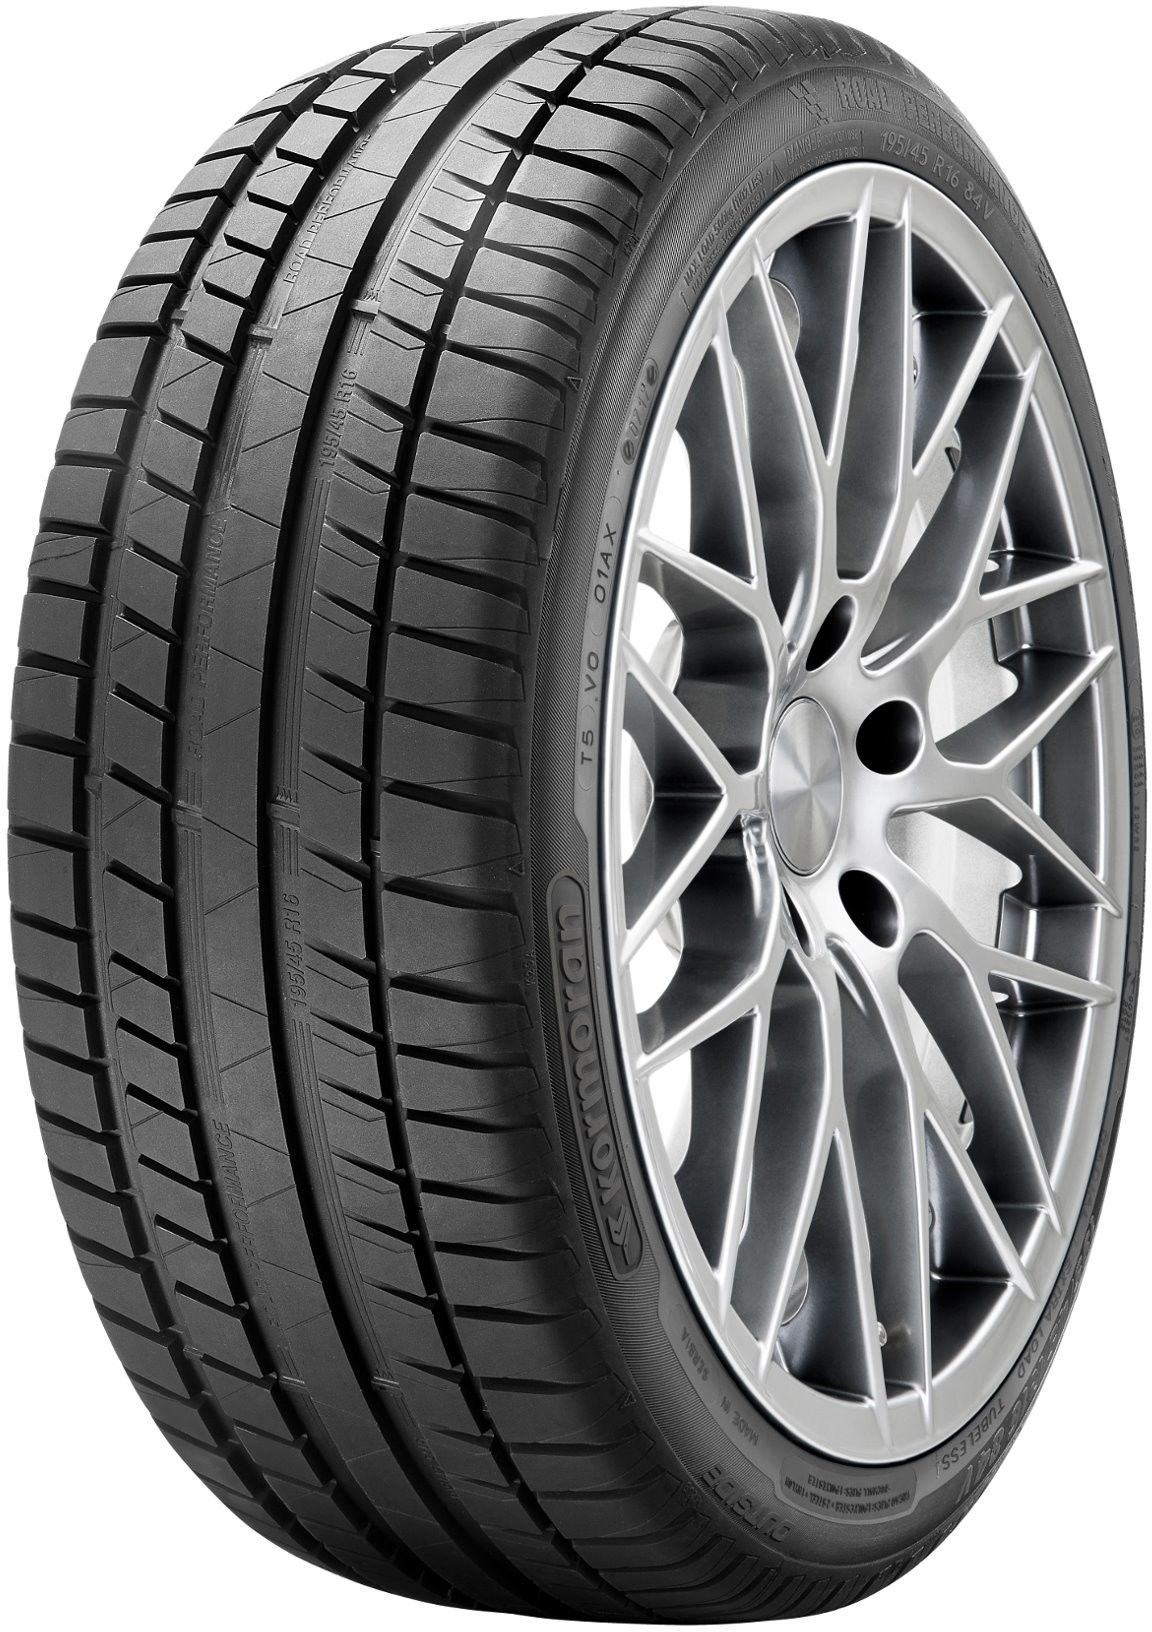 Kormoran Road Performance 195/60R15 88 V